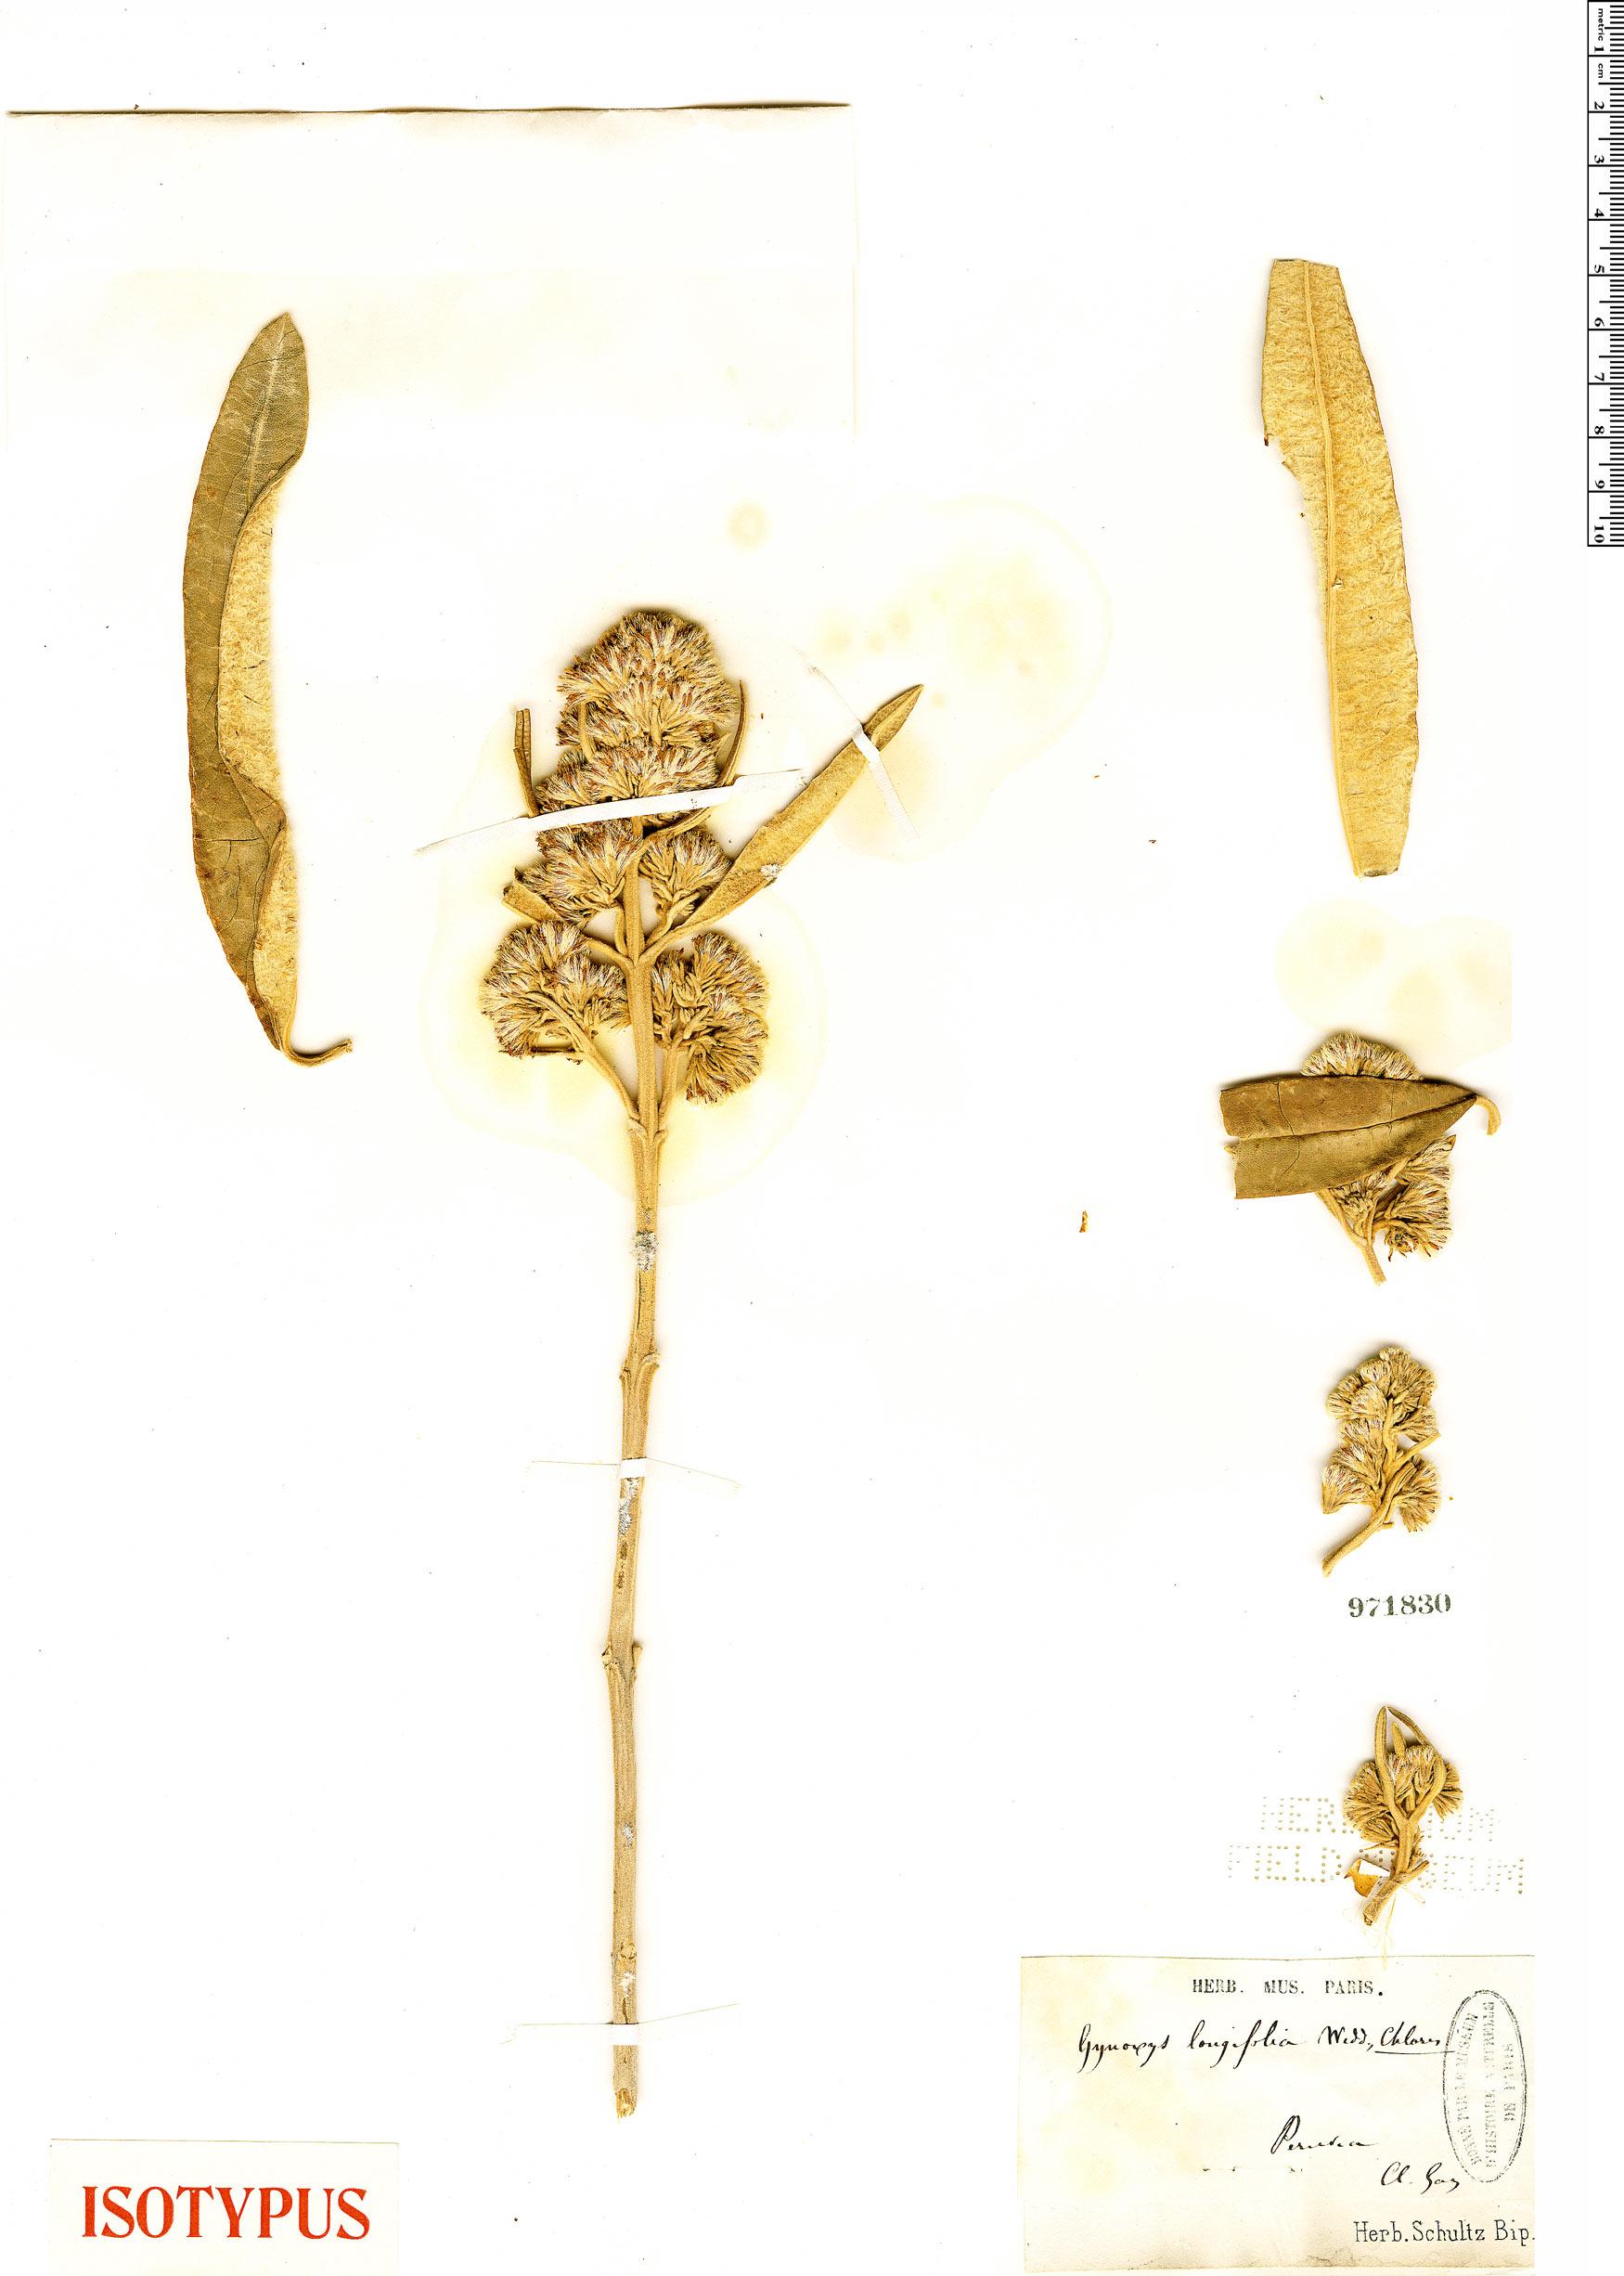 Specimen: Gynoxys longifolia